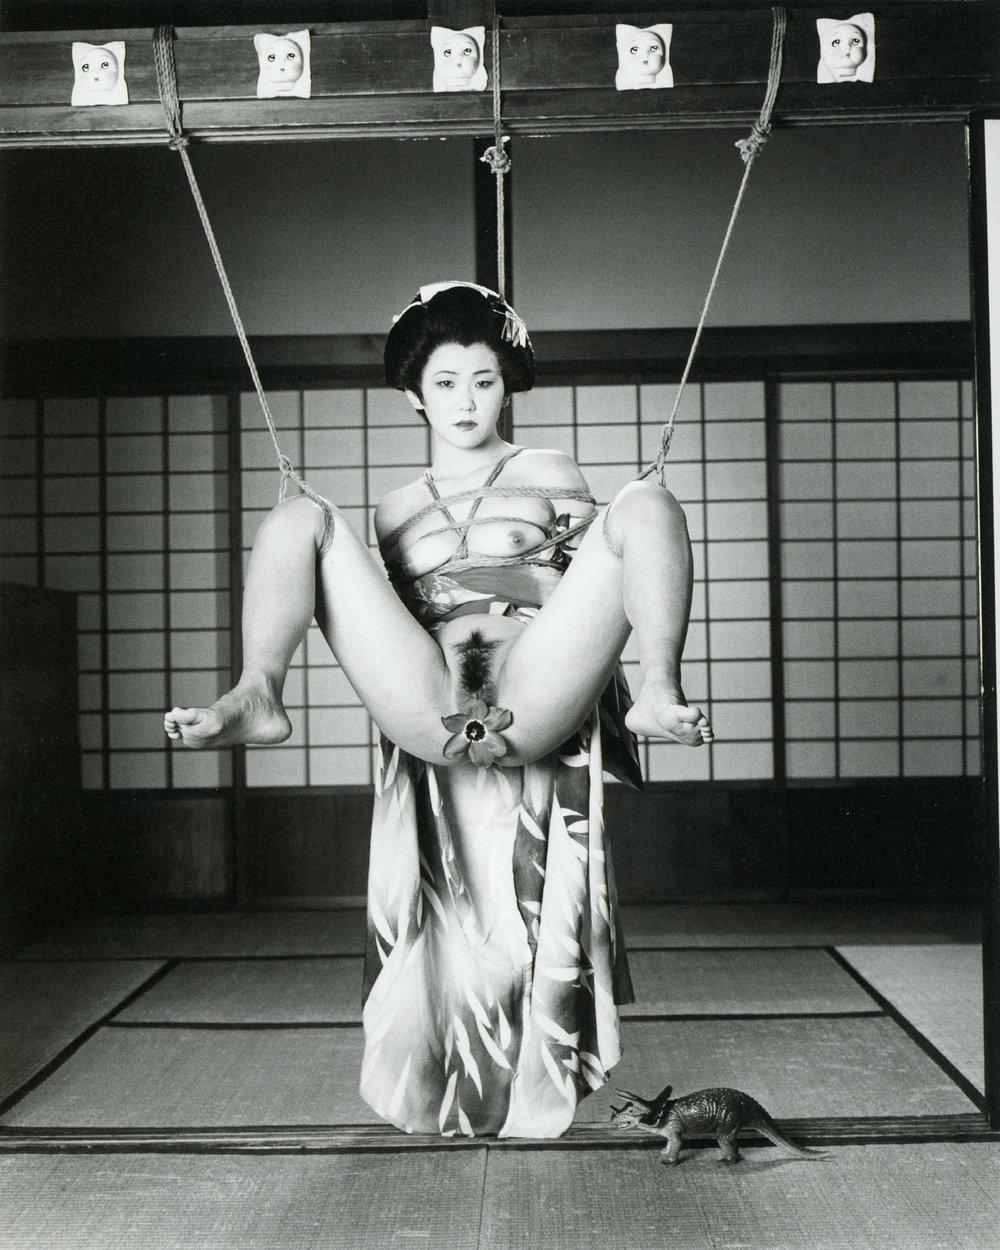 © Nobuyoshi Araki , Tokyo Comedy, 1997  Courtesy of Private Collection.